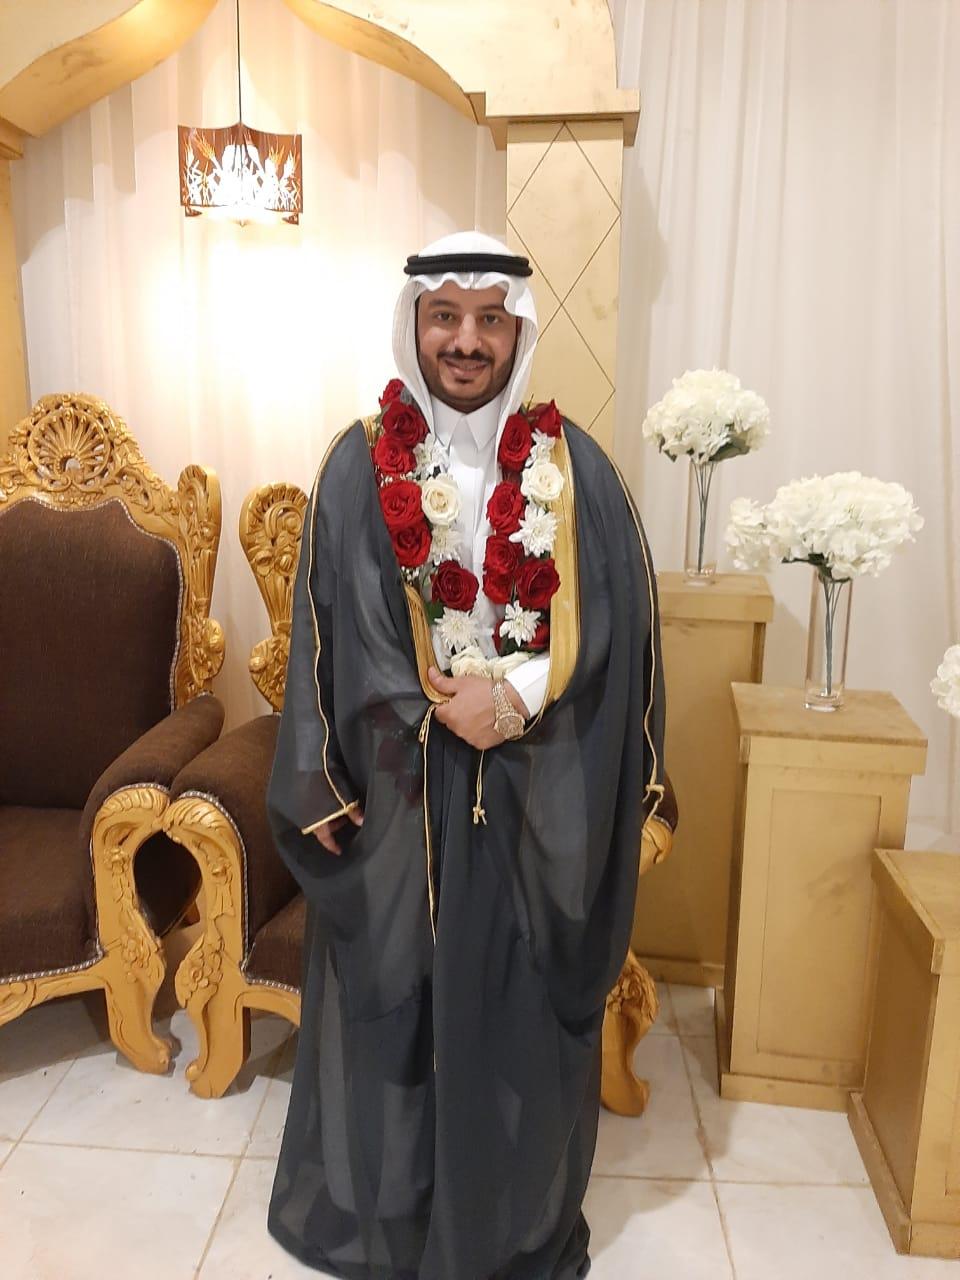 فيصل زكري يحتفل بزواجه في جازان - المواطن